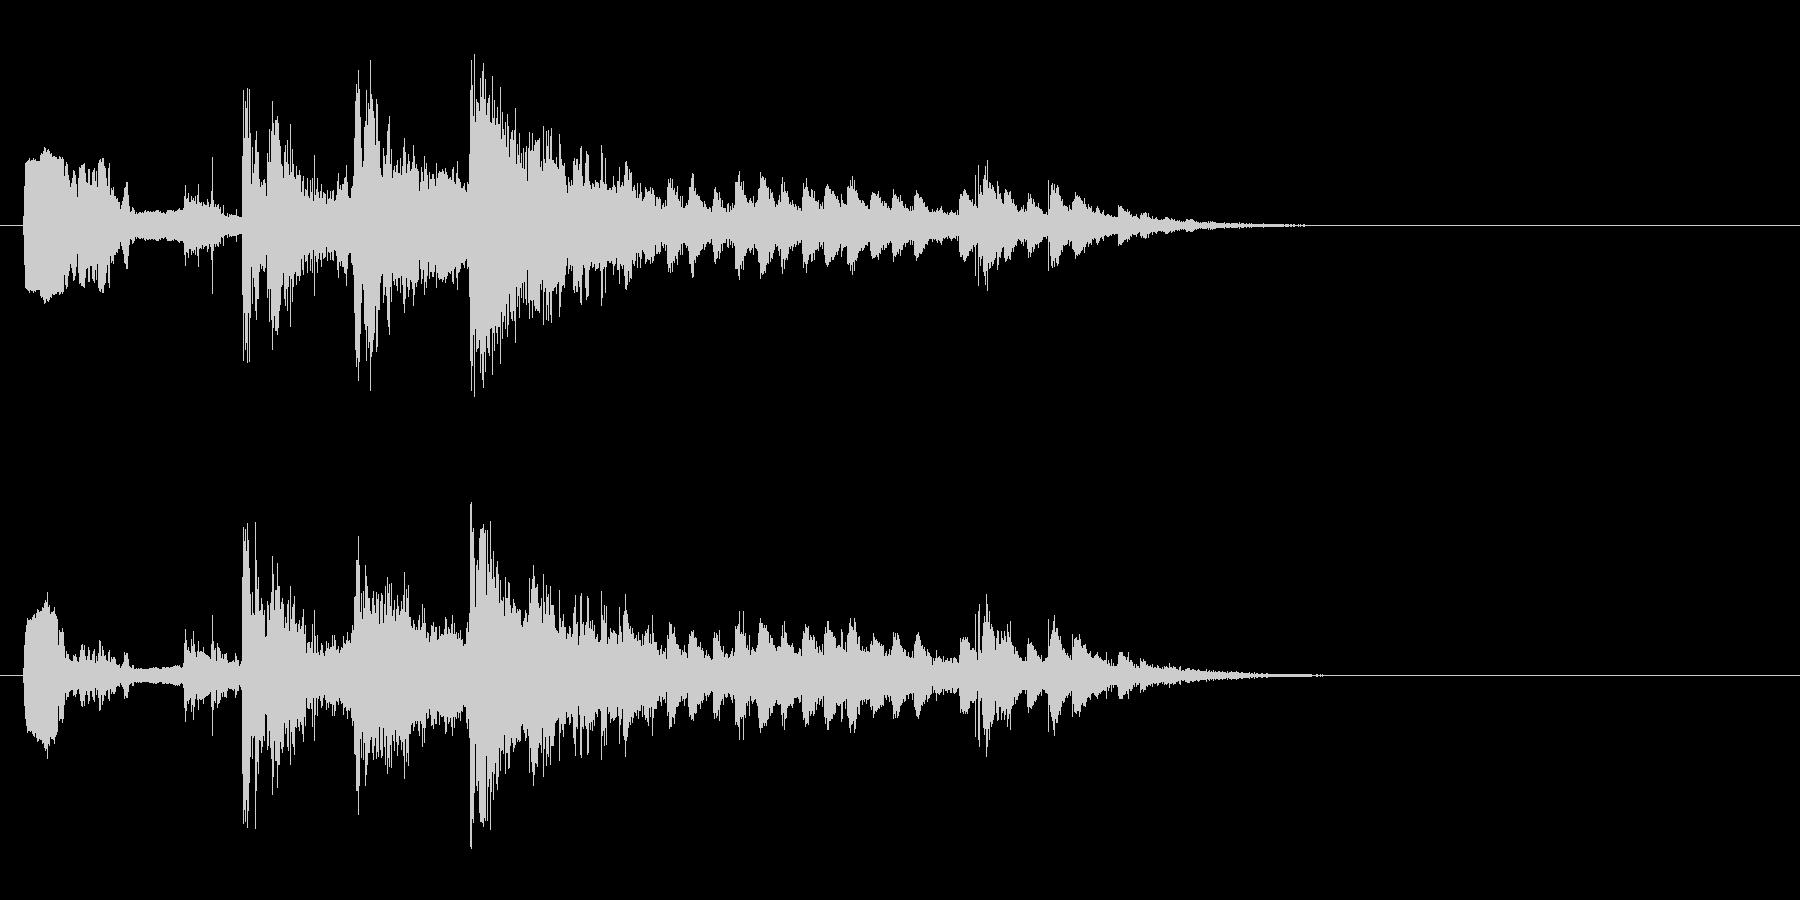 サウンドエフェクトクライマックスミ...の未再生の波形